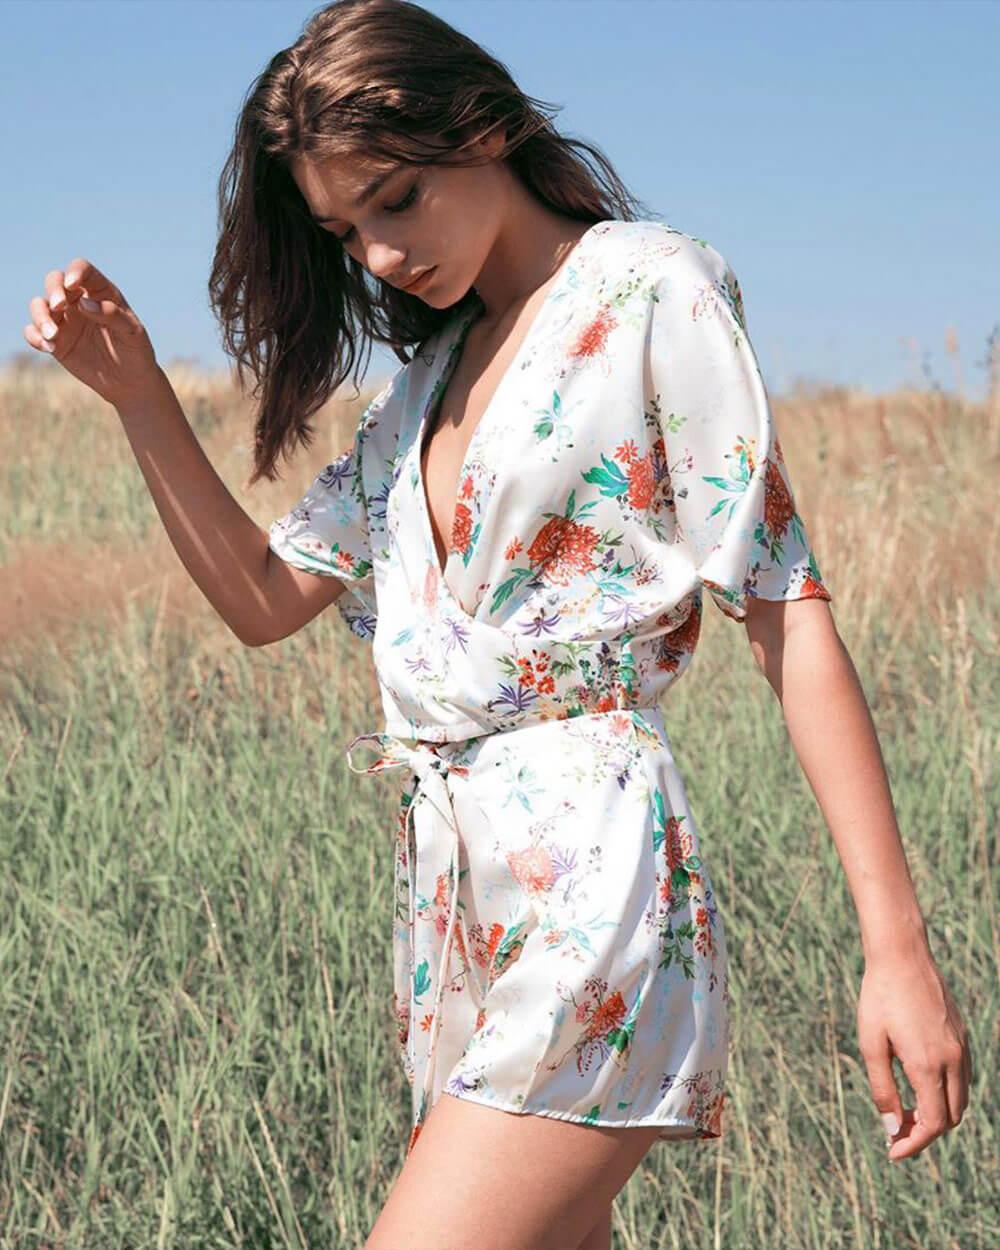 Sanikai slow fashion collections